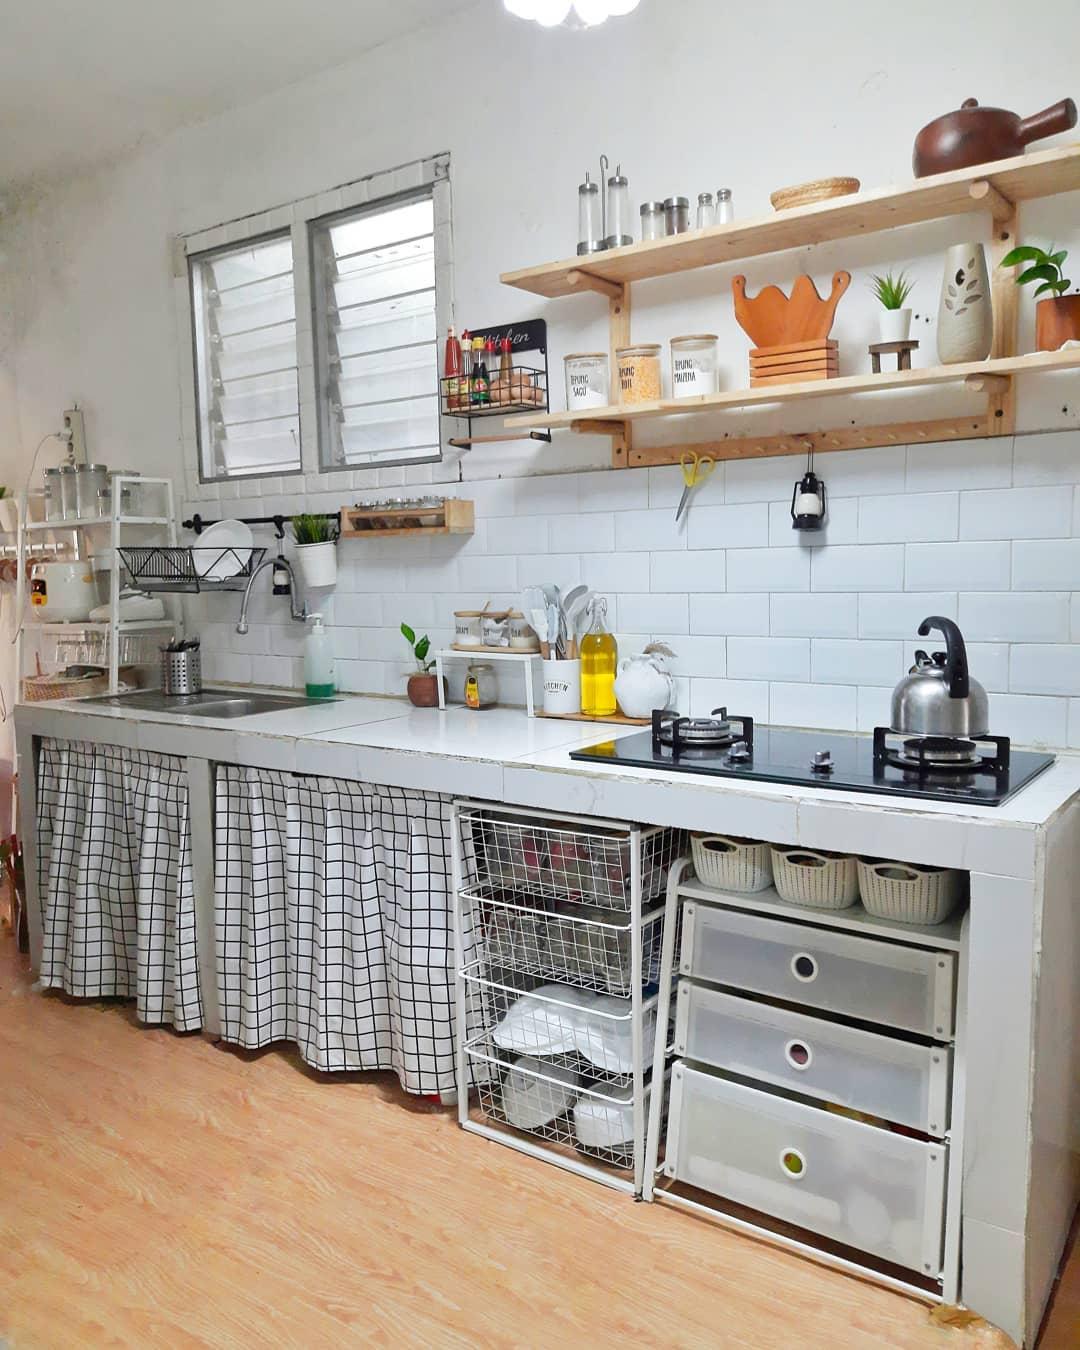 Desain Dapur Minimalis_10